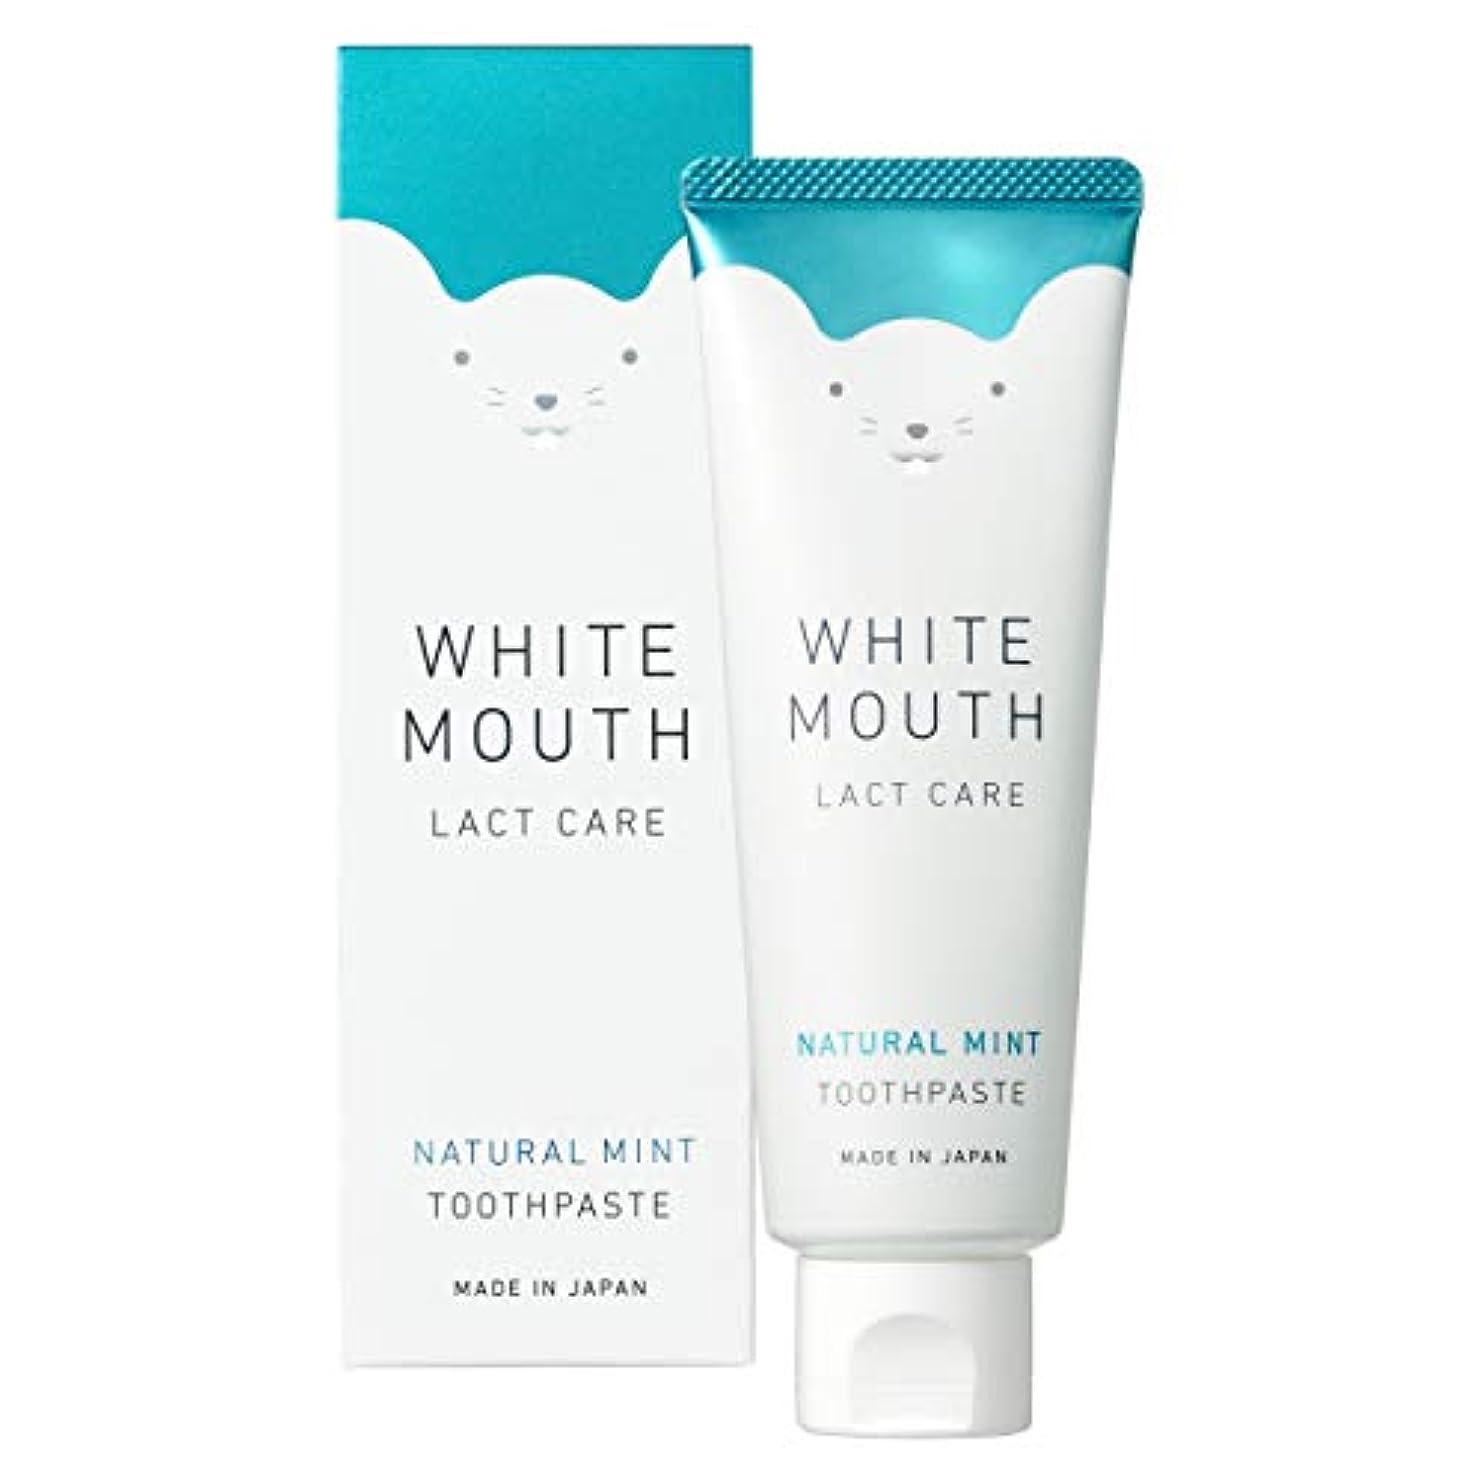 鋸歯状アミューズメント並外れてWHITE MOUTH ホワイトマウス デンタルクレンジング 歯磨き粉 ナチュラルミント100g